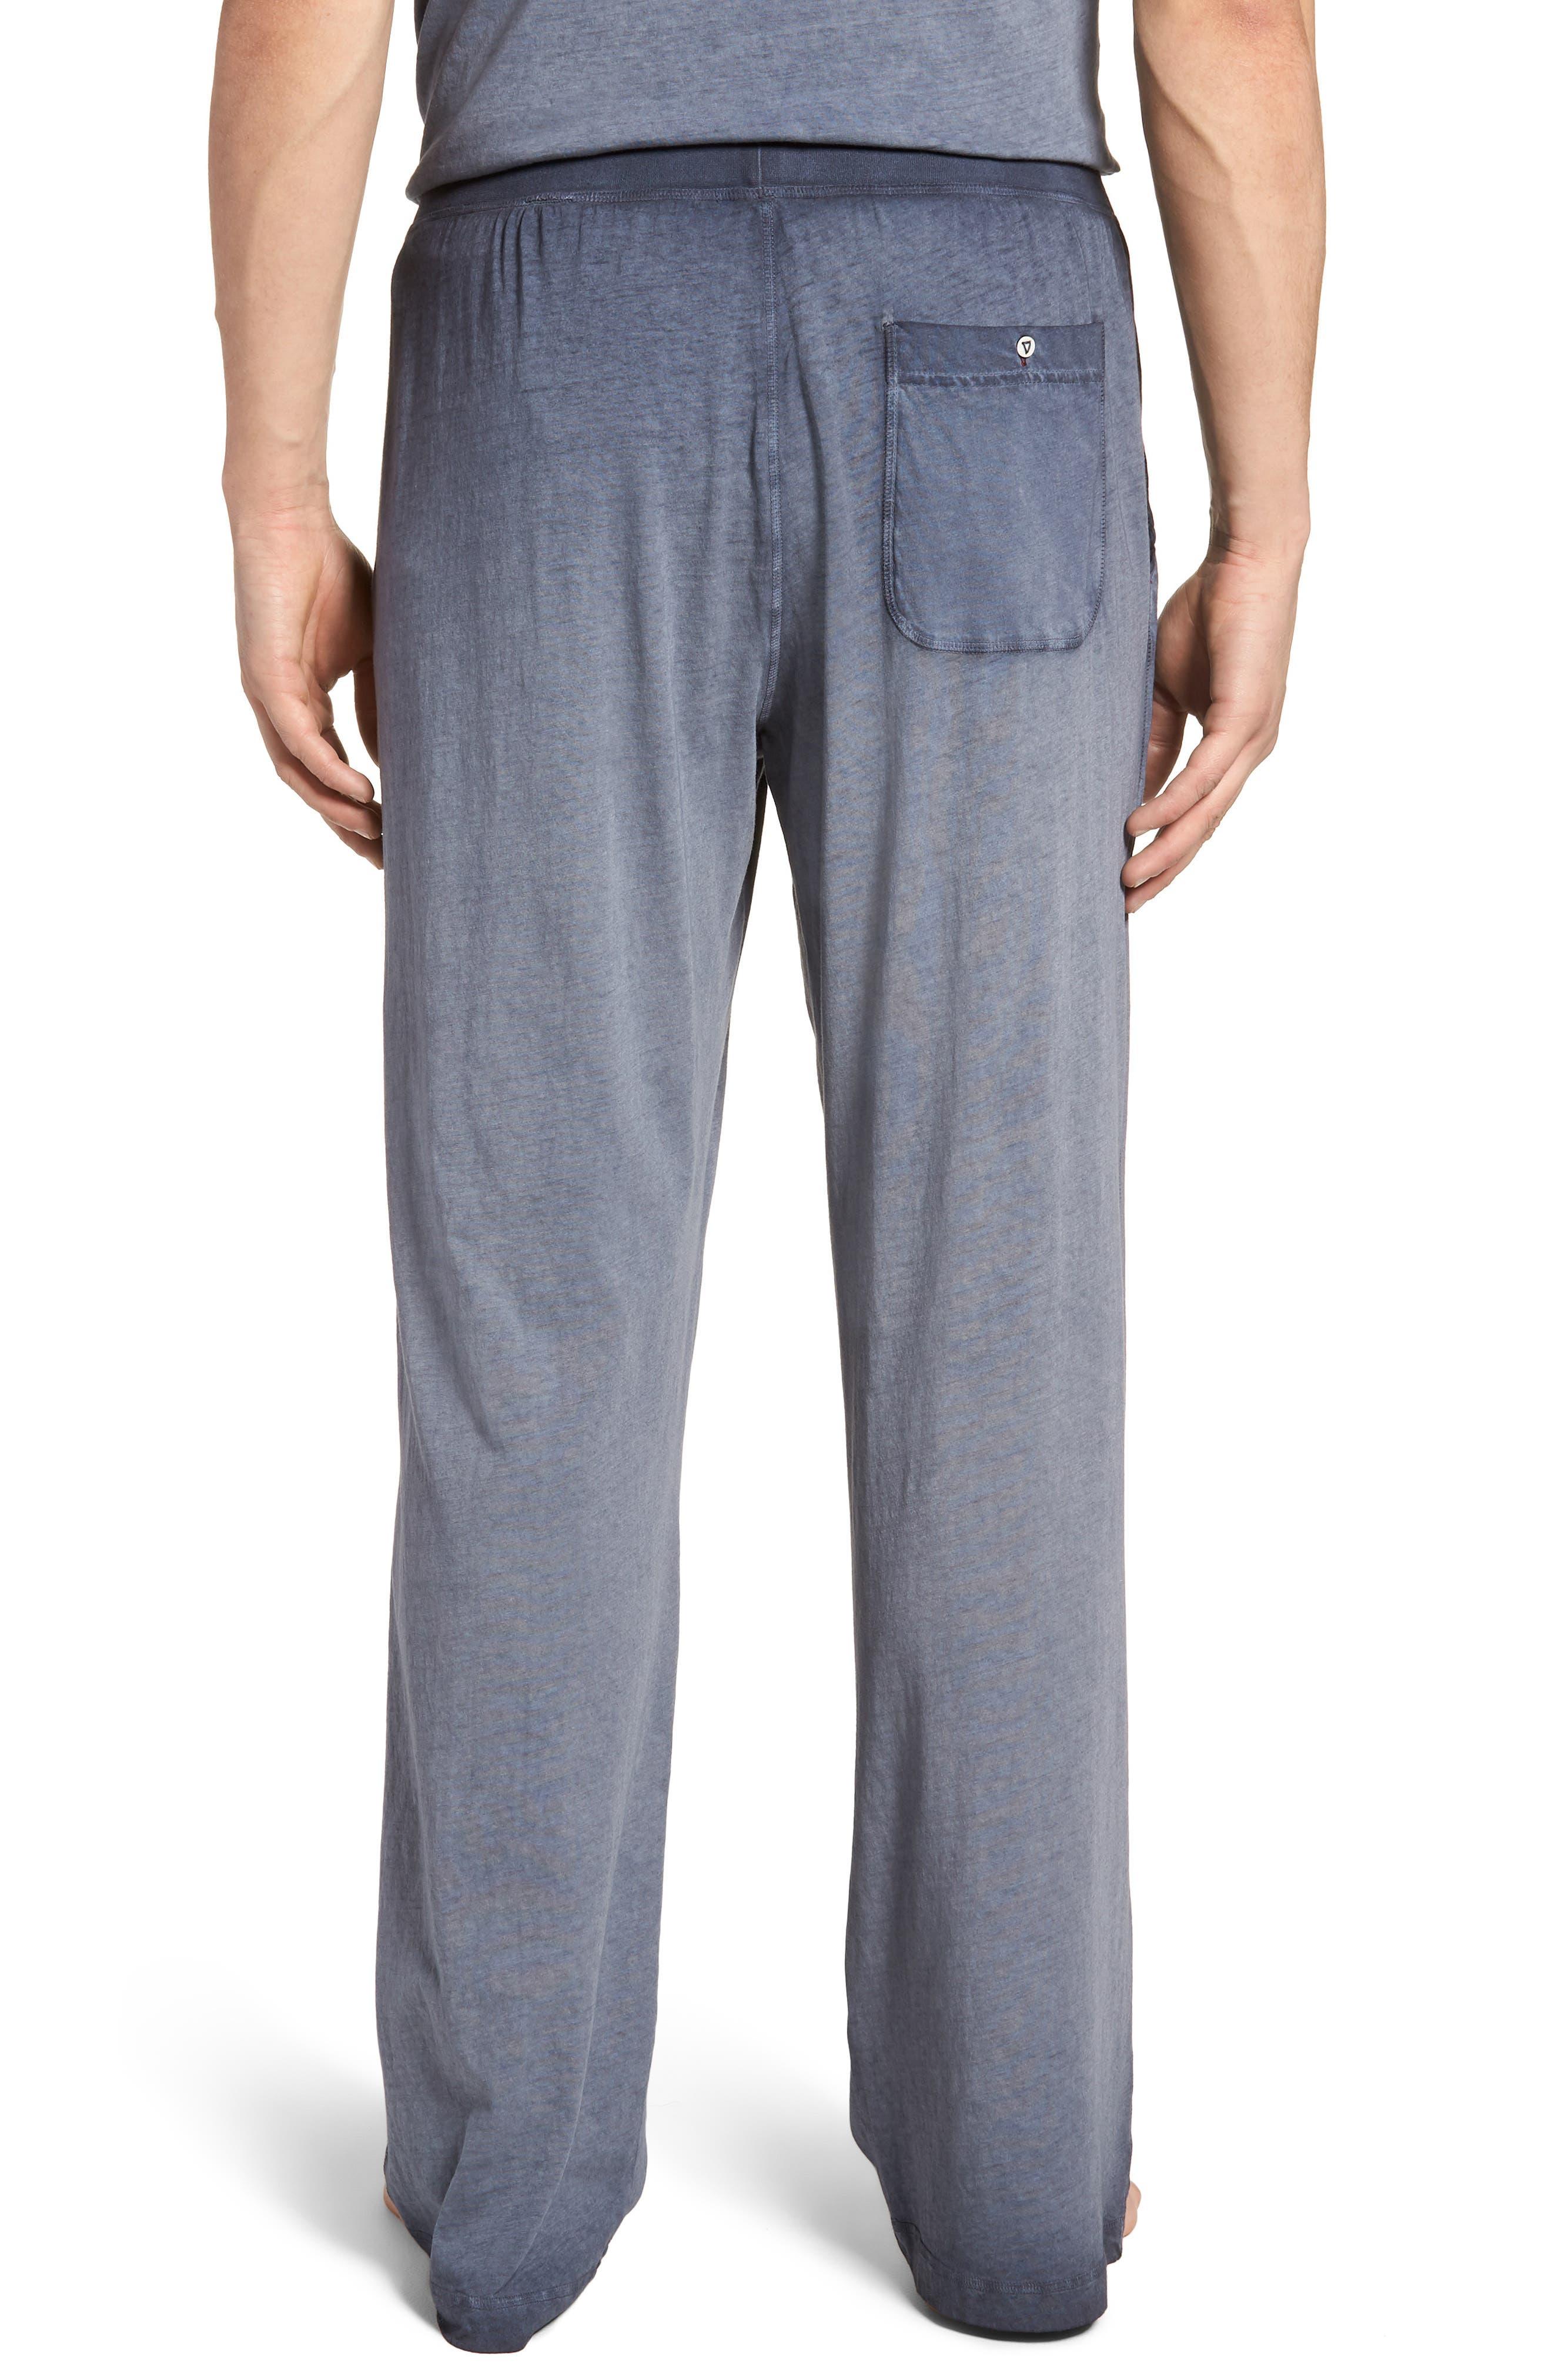 Cotton Lounge Pants,                             Alternate thumbnail 2, color,                             Navy